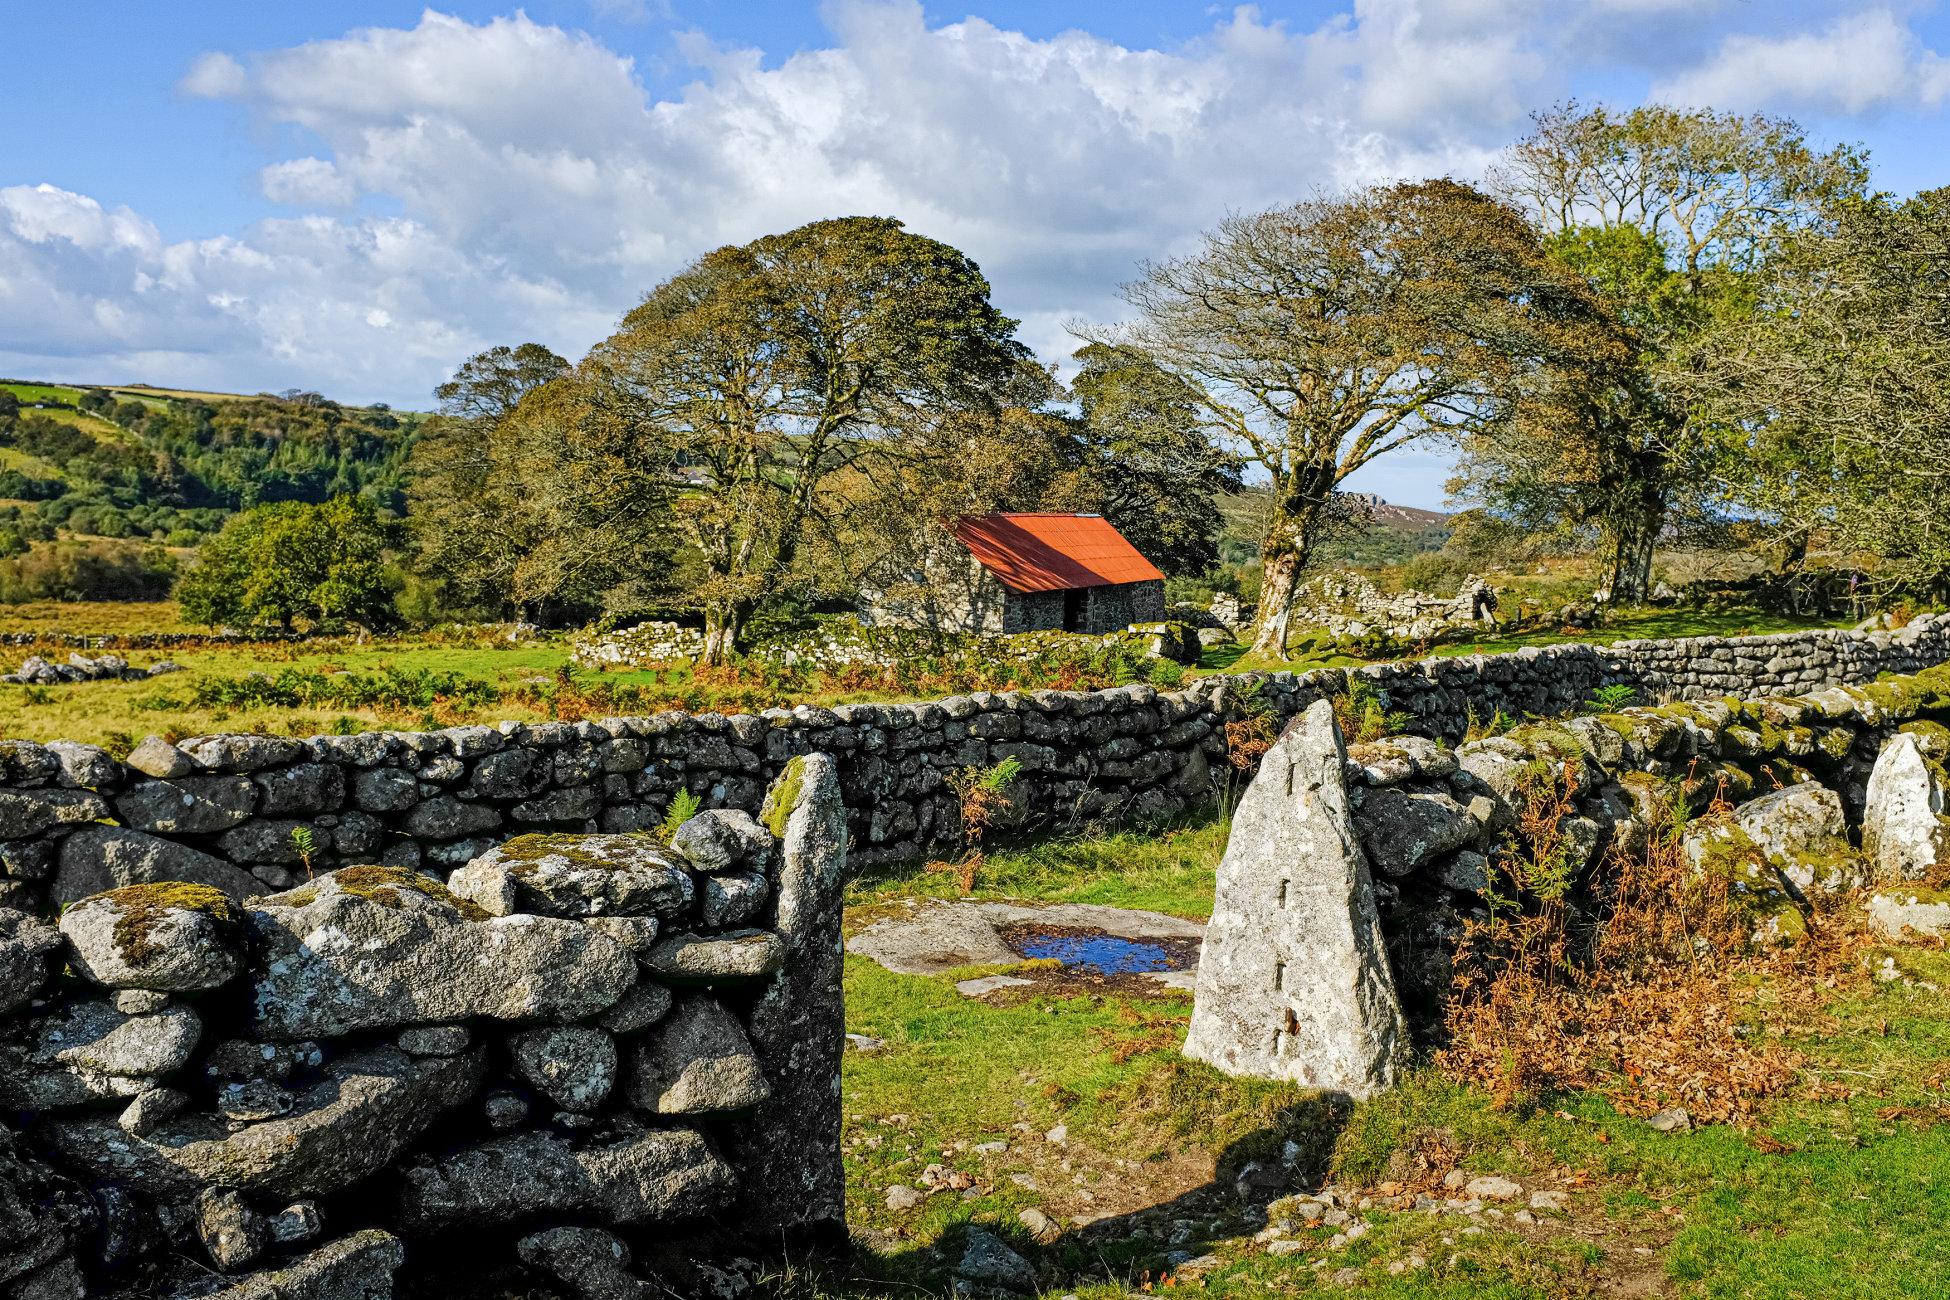 Emsworthy Barn